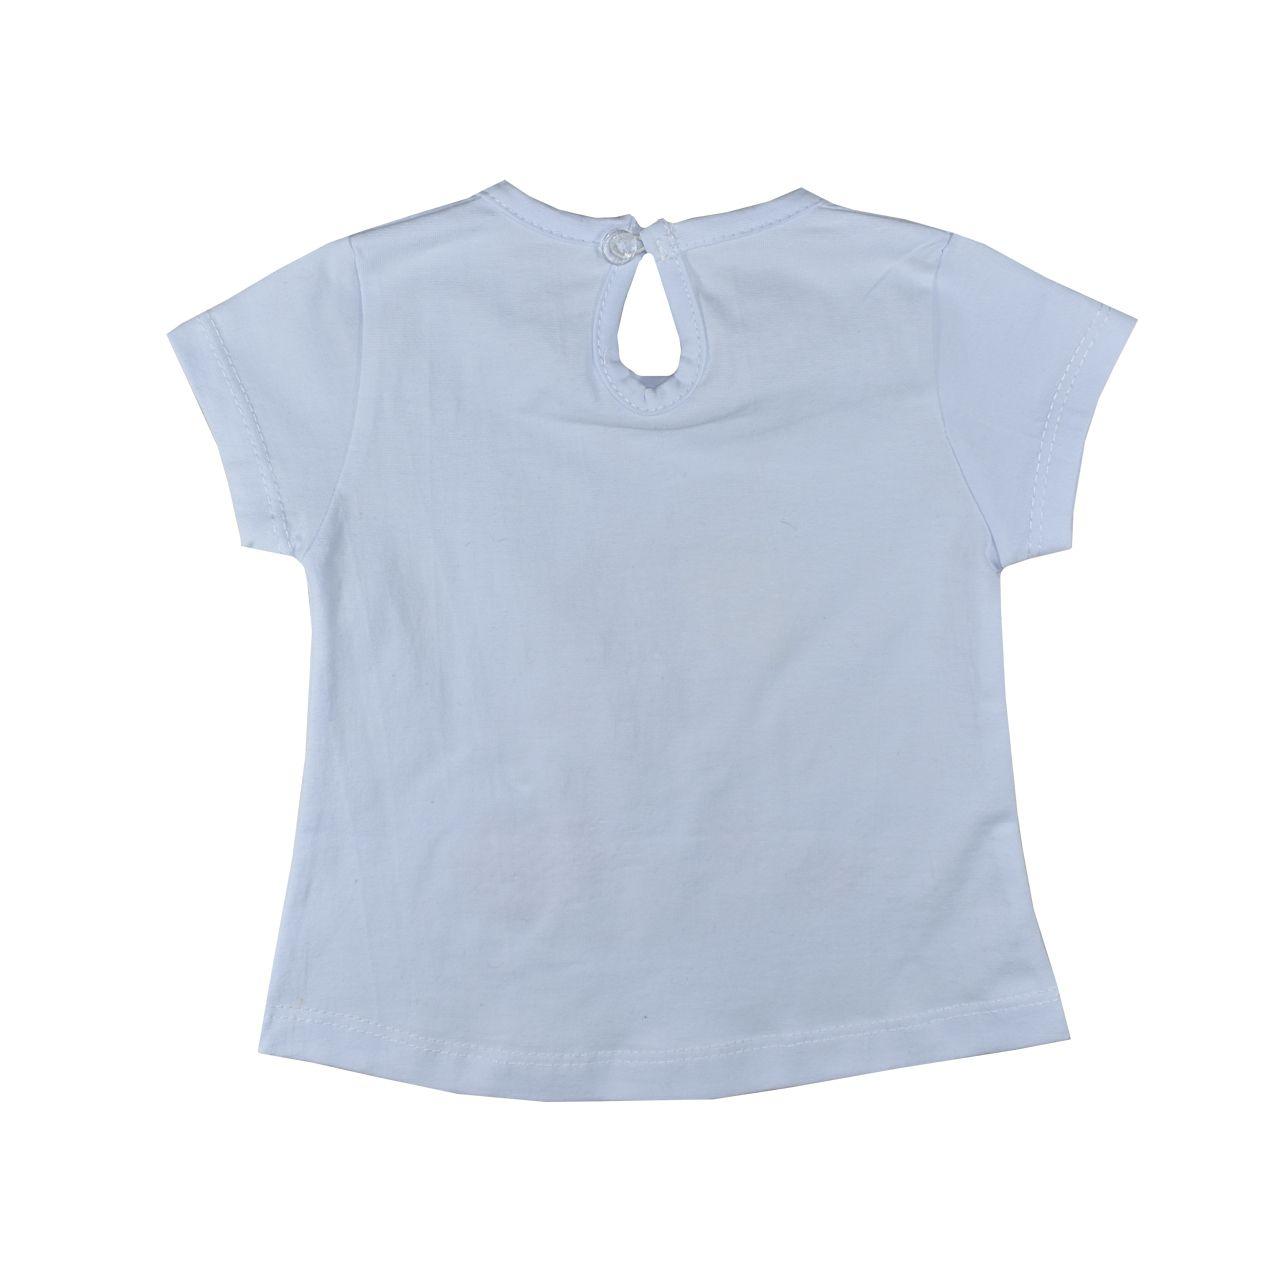 ست تی شرت و شلوارک نوزاد نیروان کد 1706 -2 -  - 5